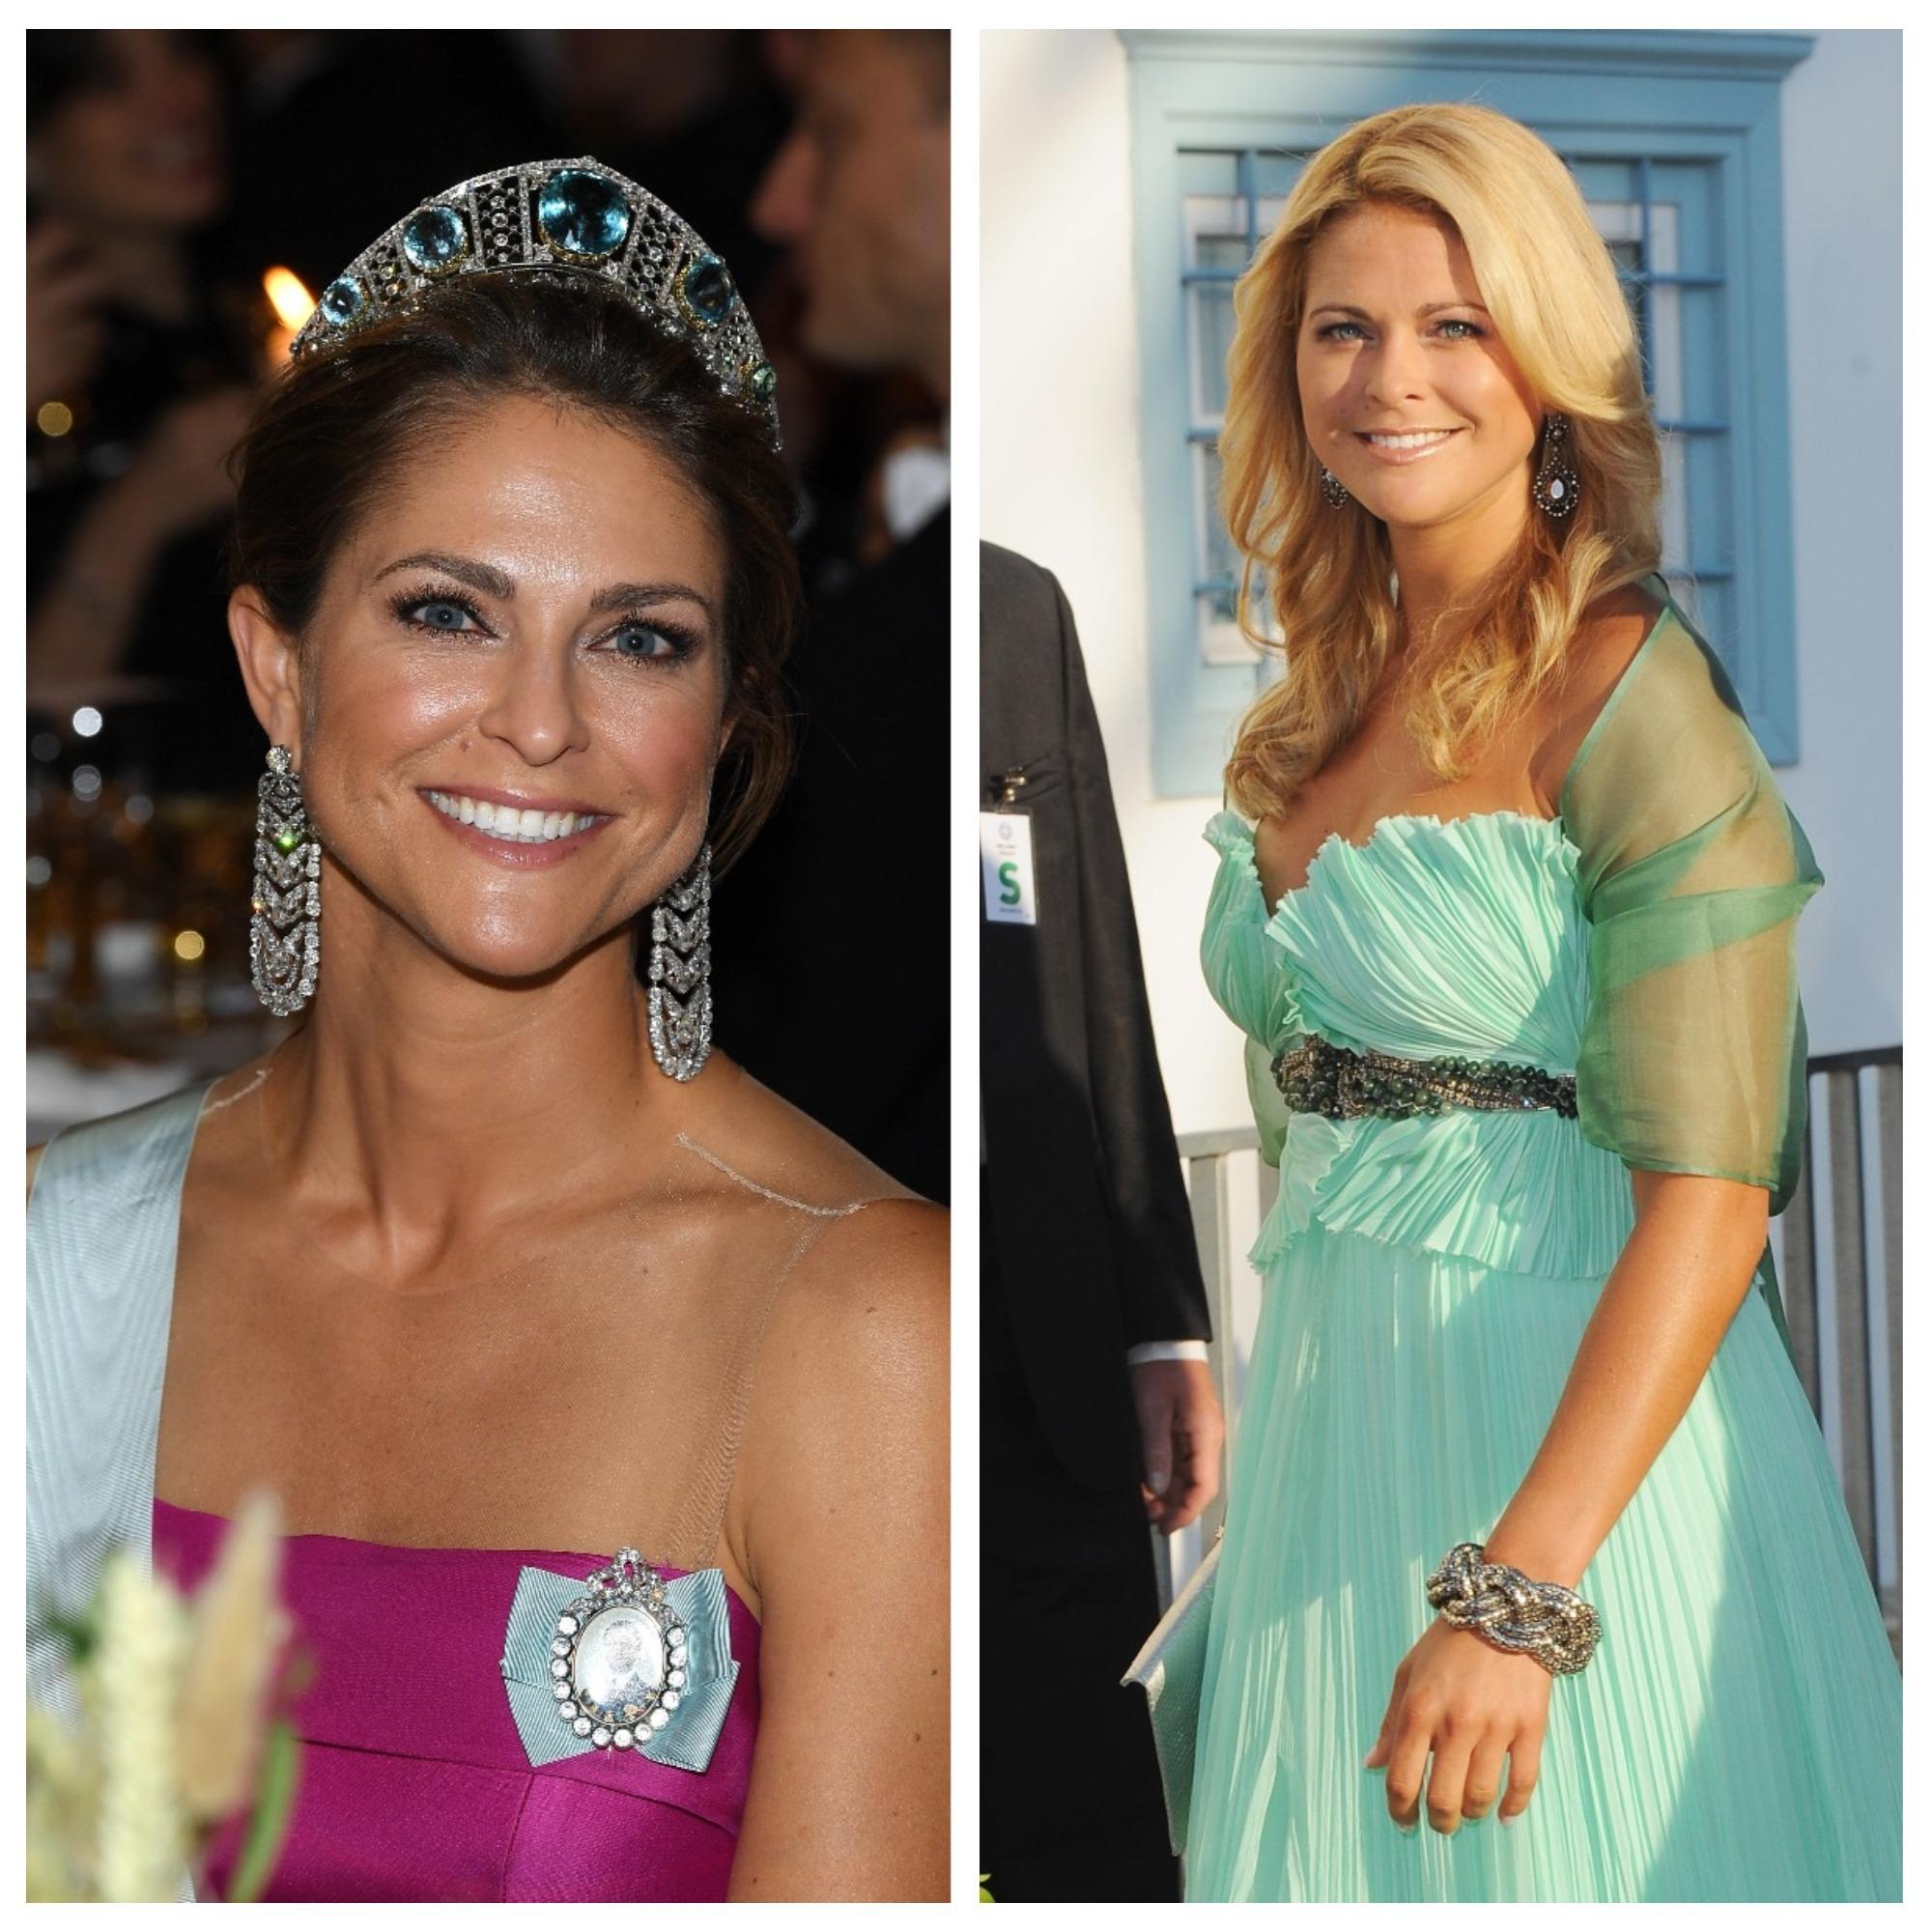 <p><strong>Принцеса Маделин</strong></p>  <p>Тя е най-малката дъщеря на шведския крал Карл XVI Густав и кралица Силвия.&nbsp;</p>  <p>Принцесата е автор на детски книги и активно се занимава с благотворителност.</p>  <p>Омъжена е за Кристофър О&#39;Нийл и двамата имат 3 деца.</p>